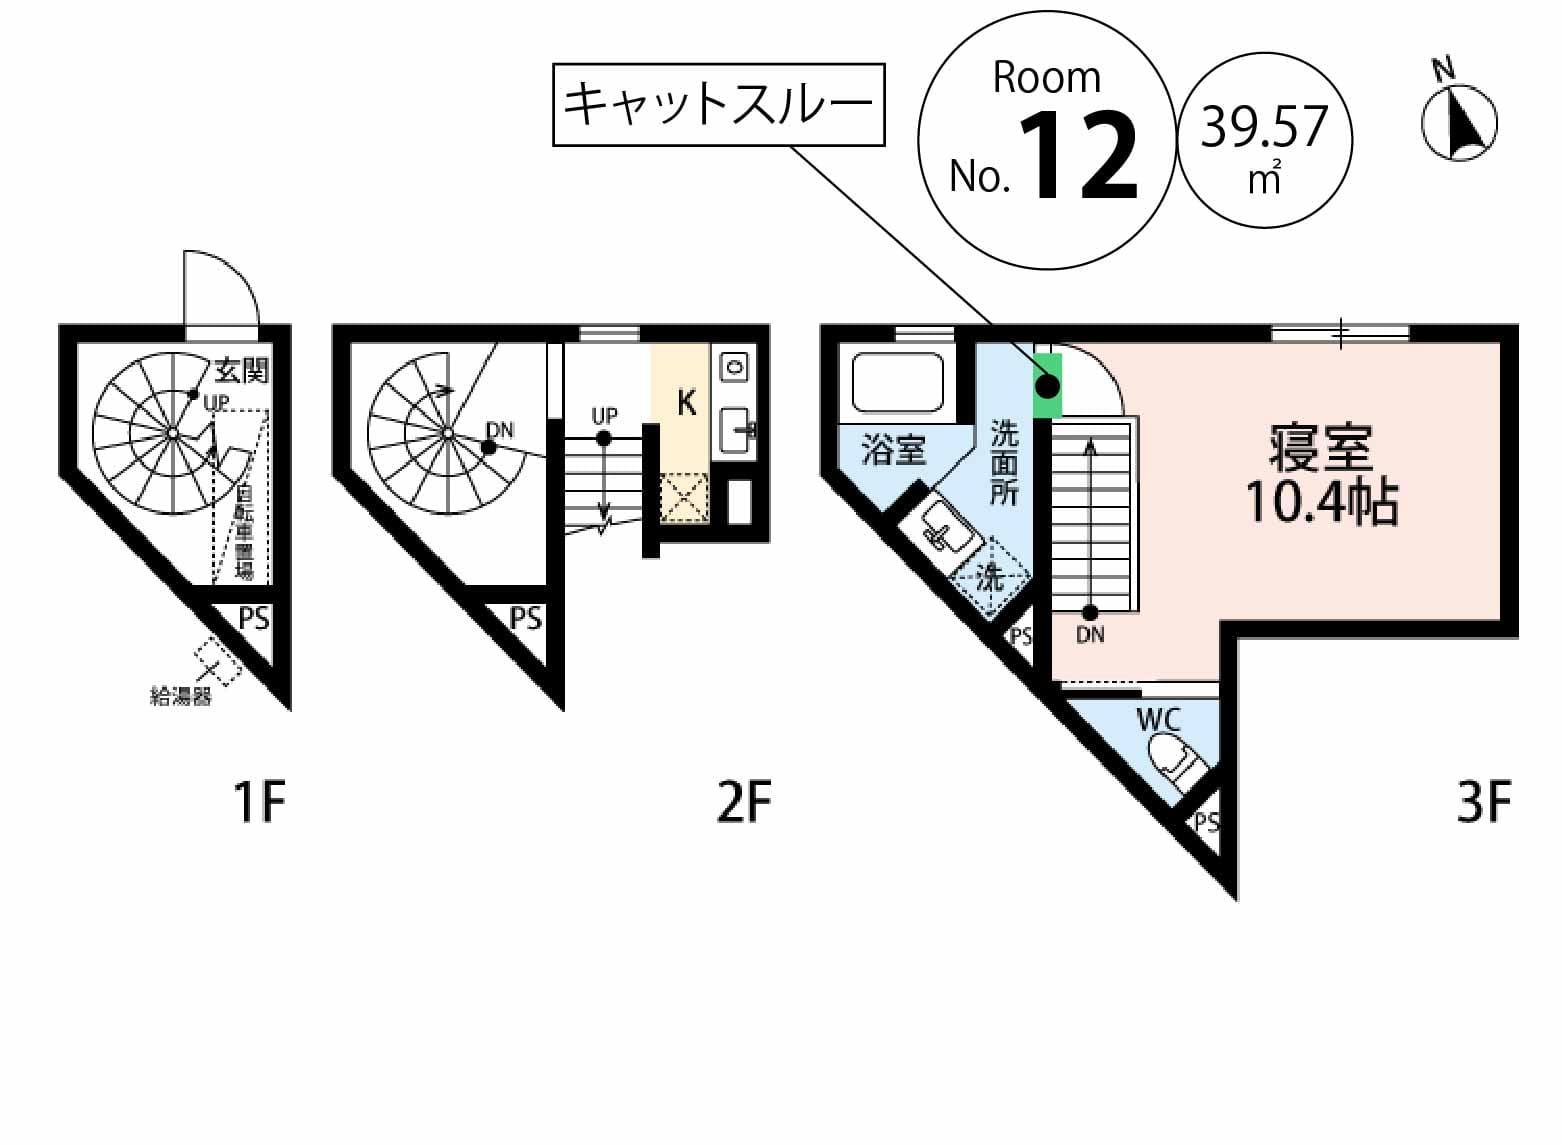 ◆お家賃142,000円(管理費別3,000円)◆猫ちゃんは2匹まで(相談)